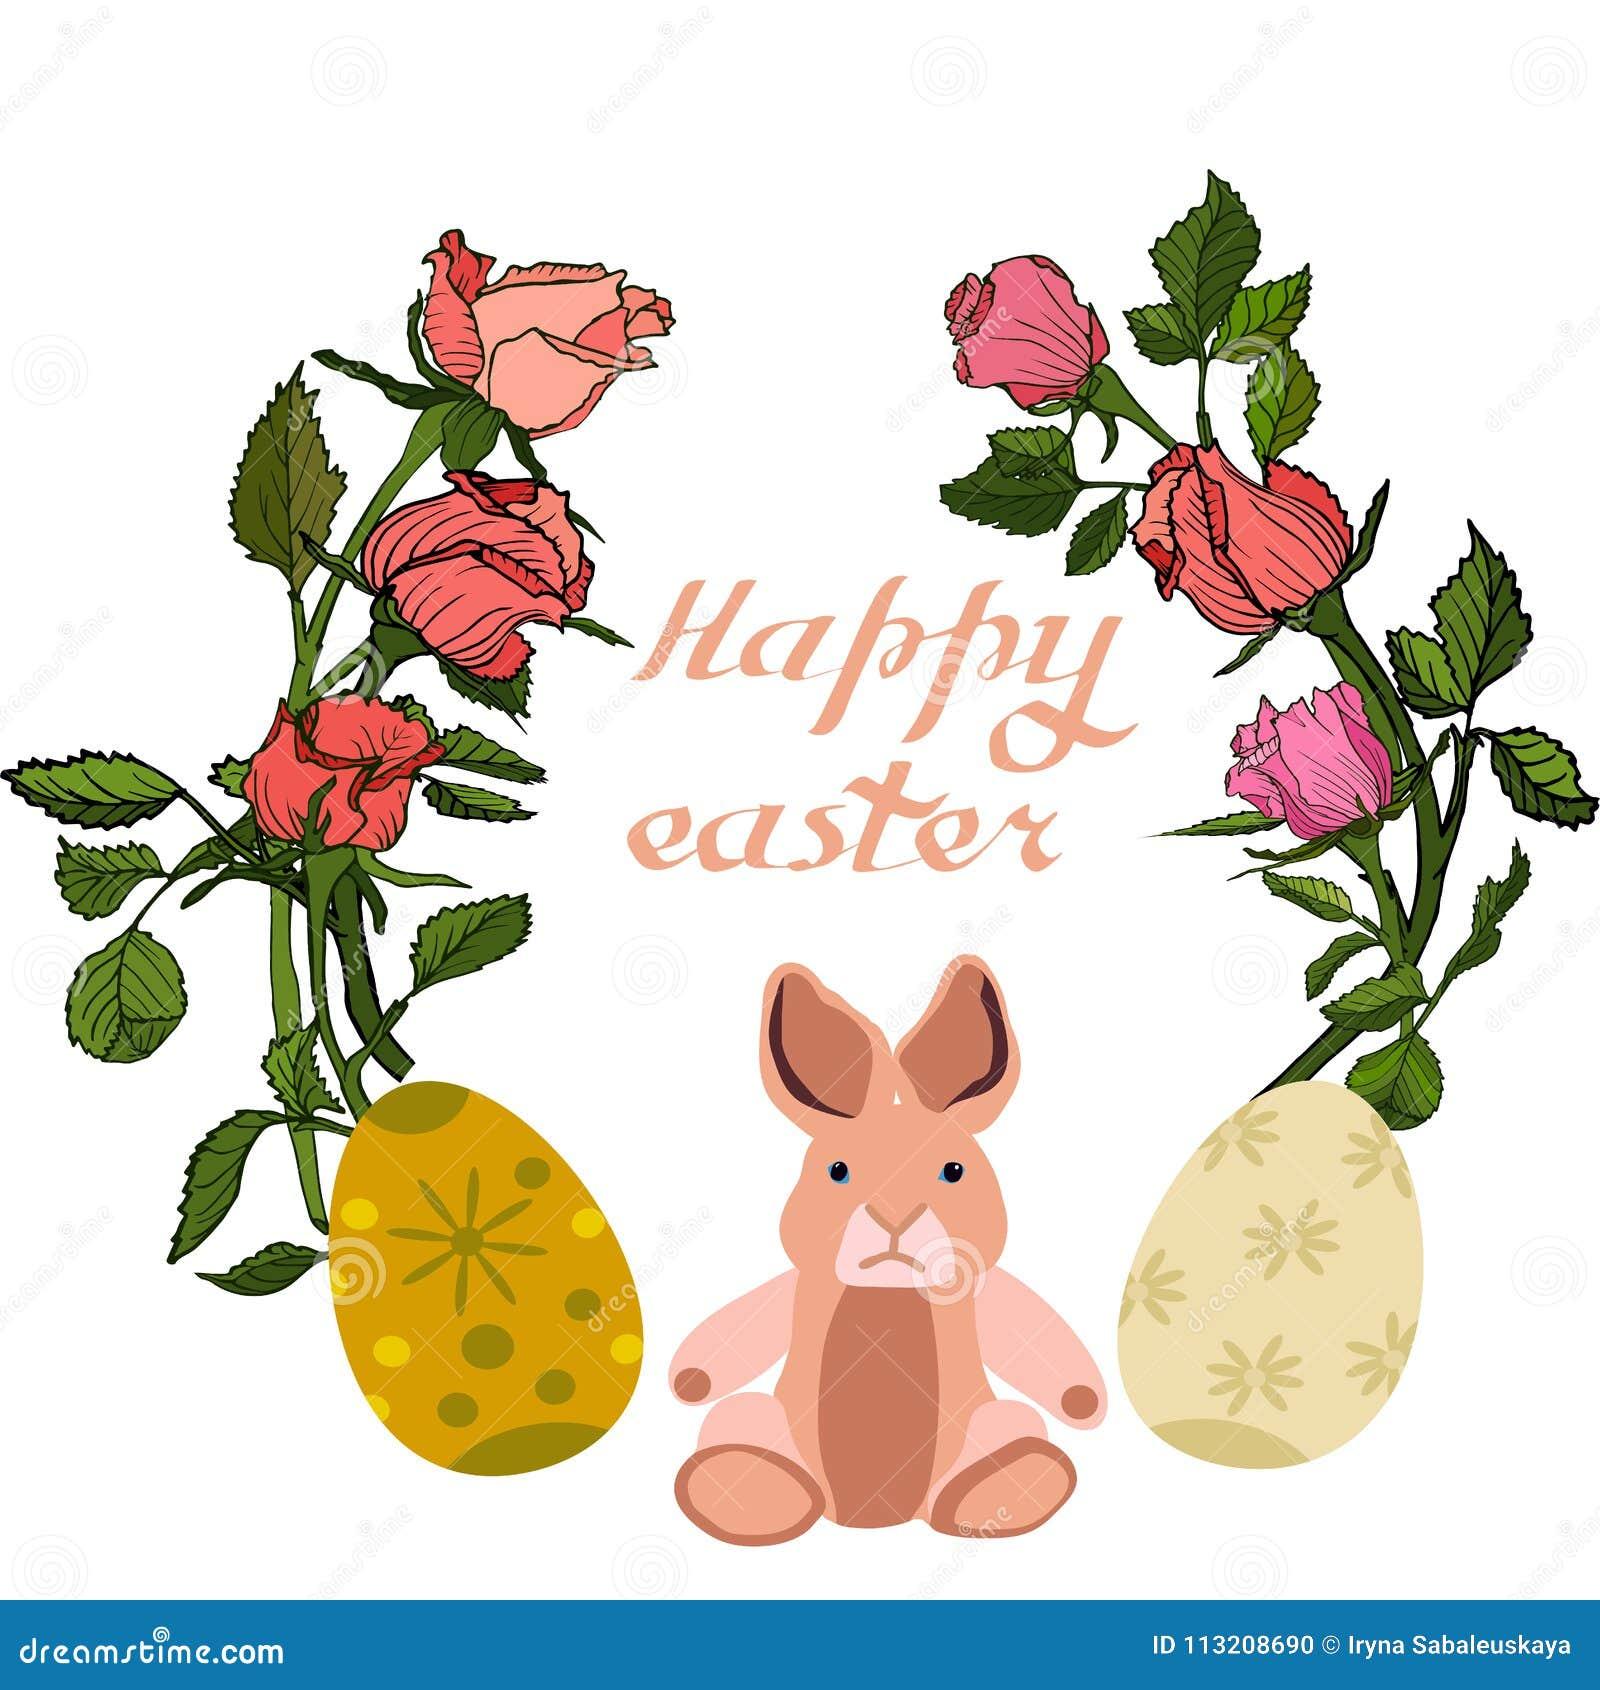 Η διανυσματική απεικόνιση Πάσχας με τα αυγά, αυξήθηκε λουλούδια και λαγουδάκια Άριστος για το σχέδιο των καρτών, των αφισών, των